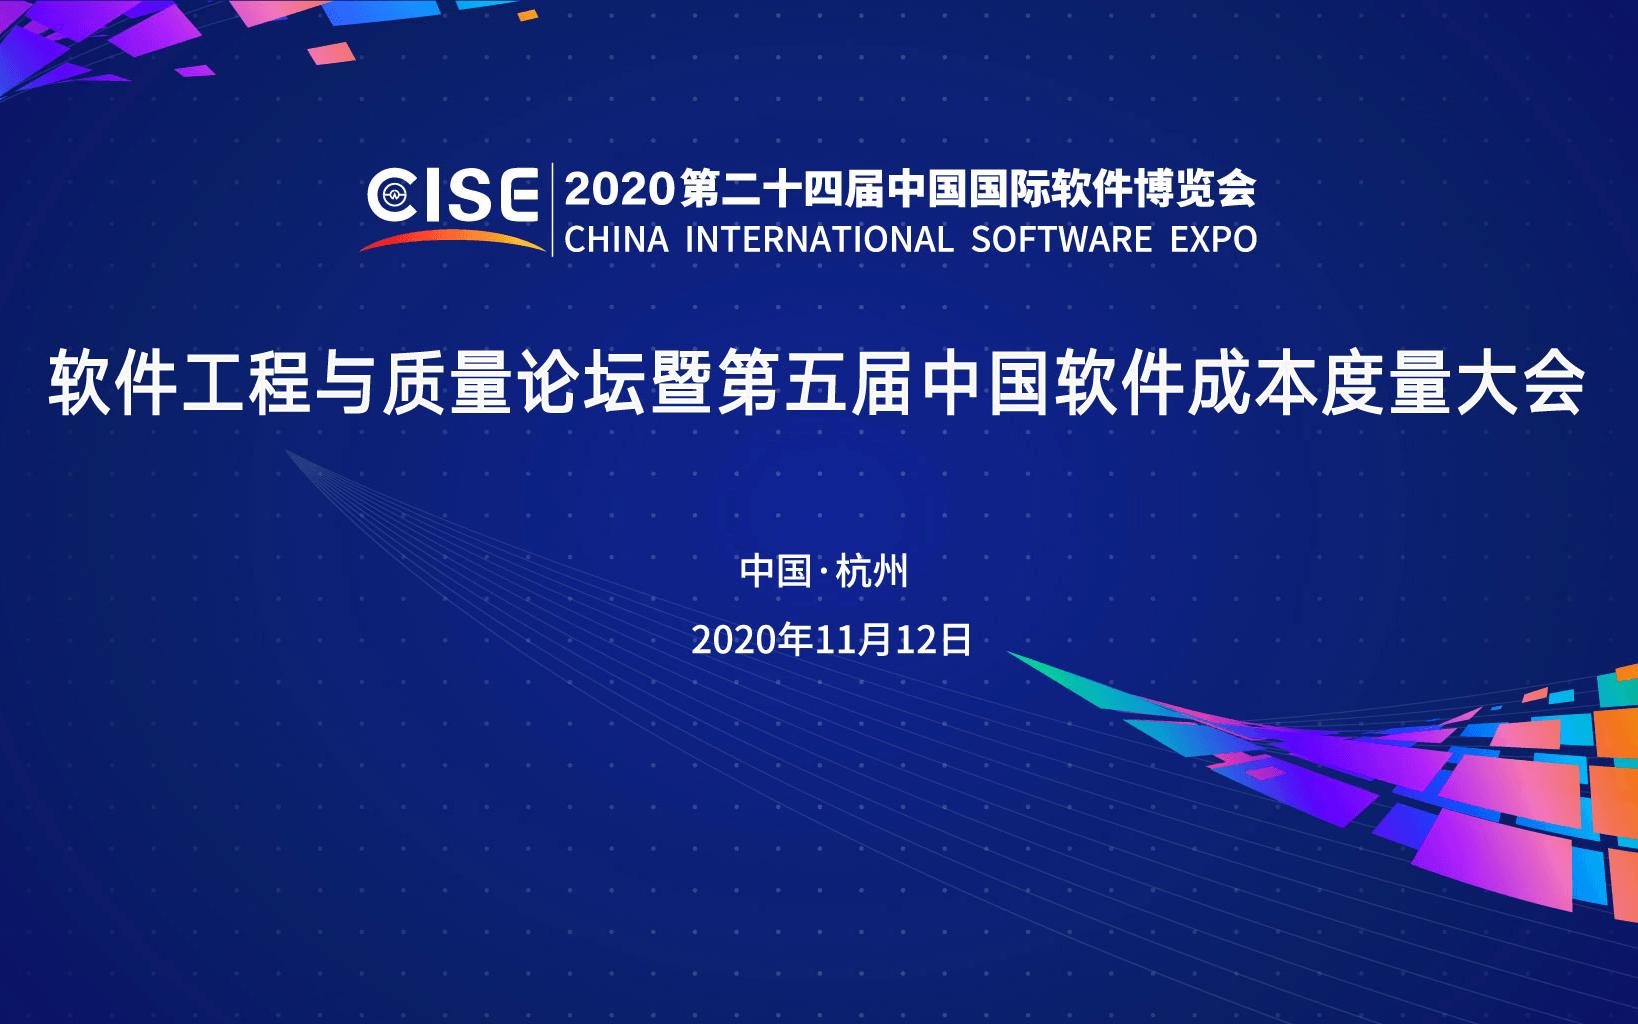 第二十四届中国国际软件博览会 软件工程与质量论坛暨第五届中国软件成本度量大会